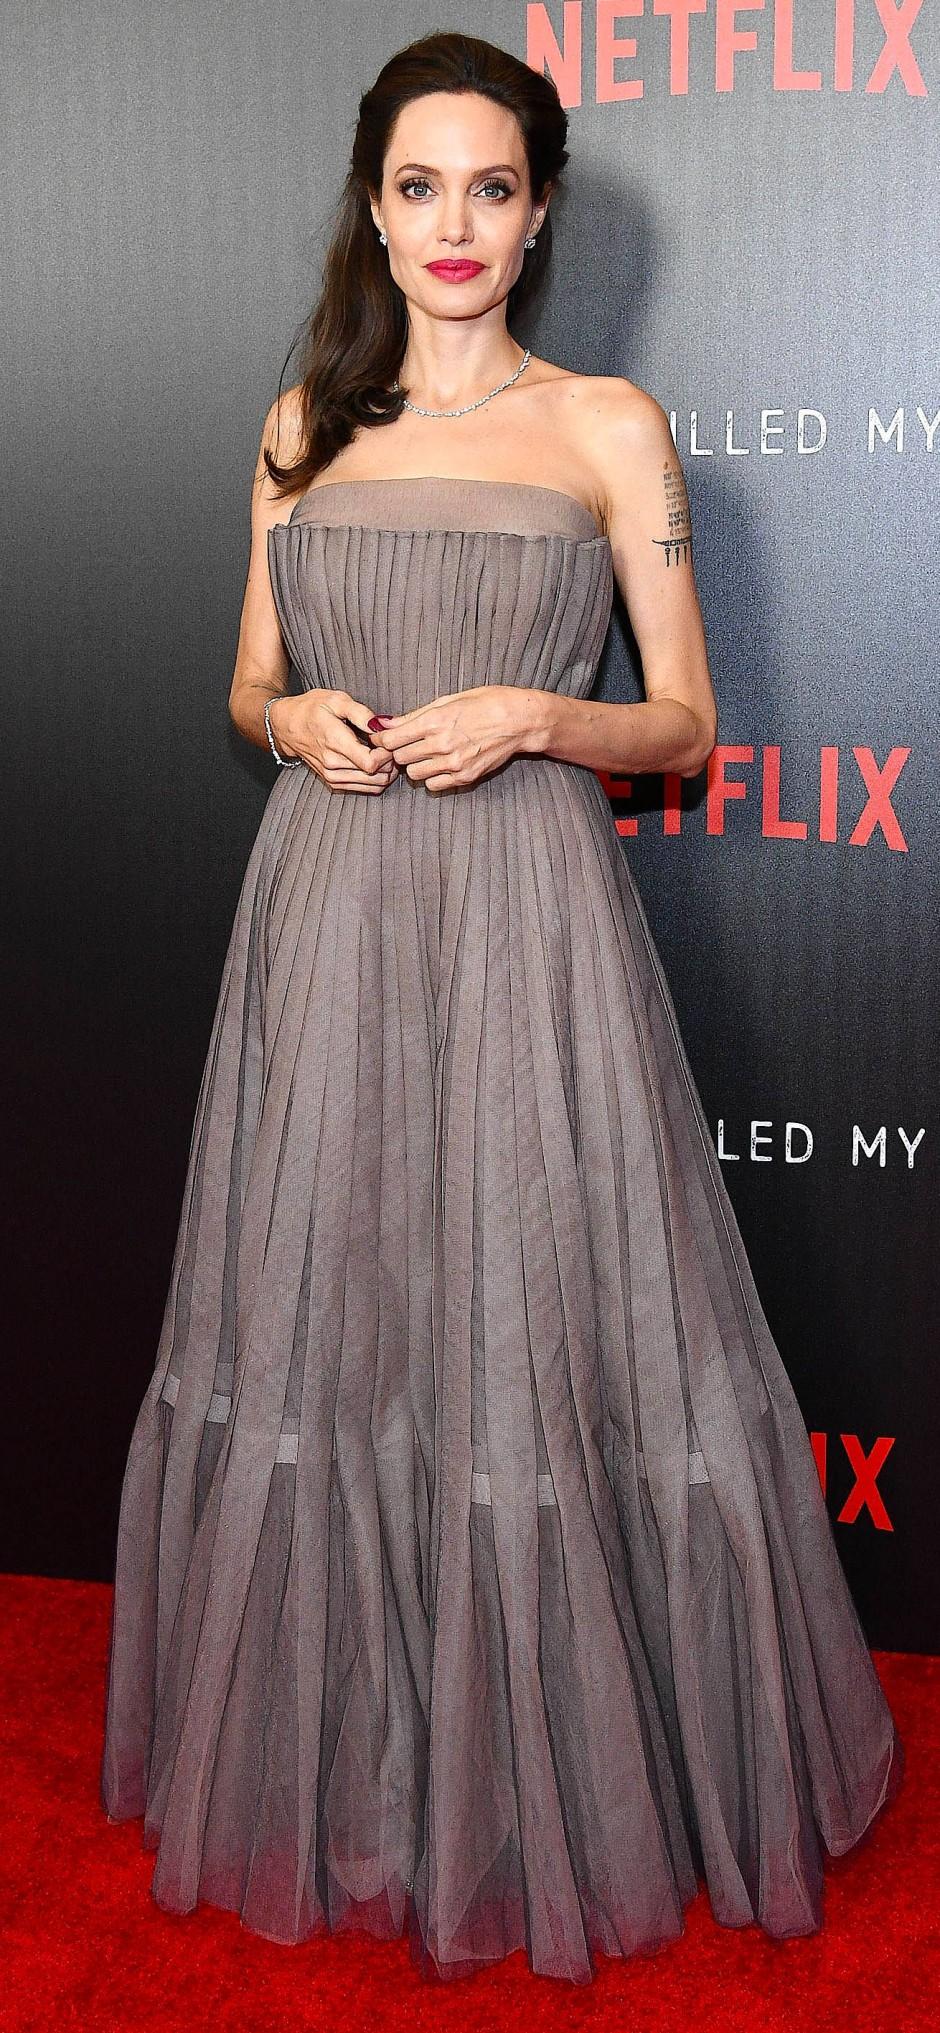 """Angelina Jolie: """"Ich hatte eine schlimme Erfahrung mit Harvey Weinstein in meiner Jugend."""""""